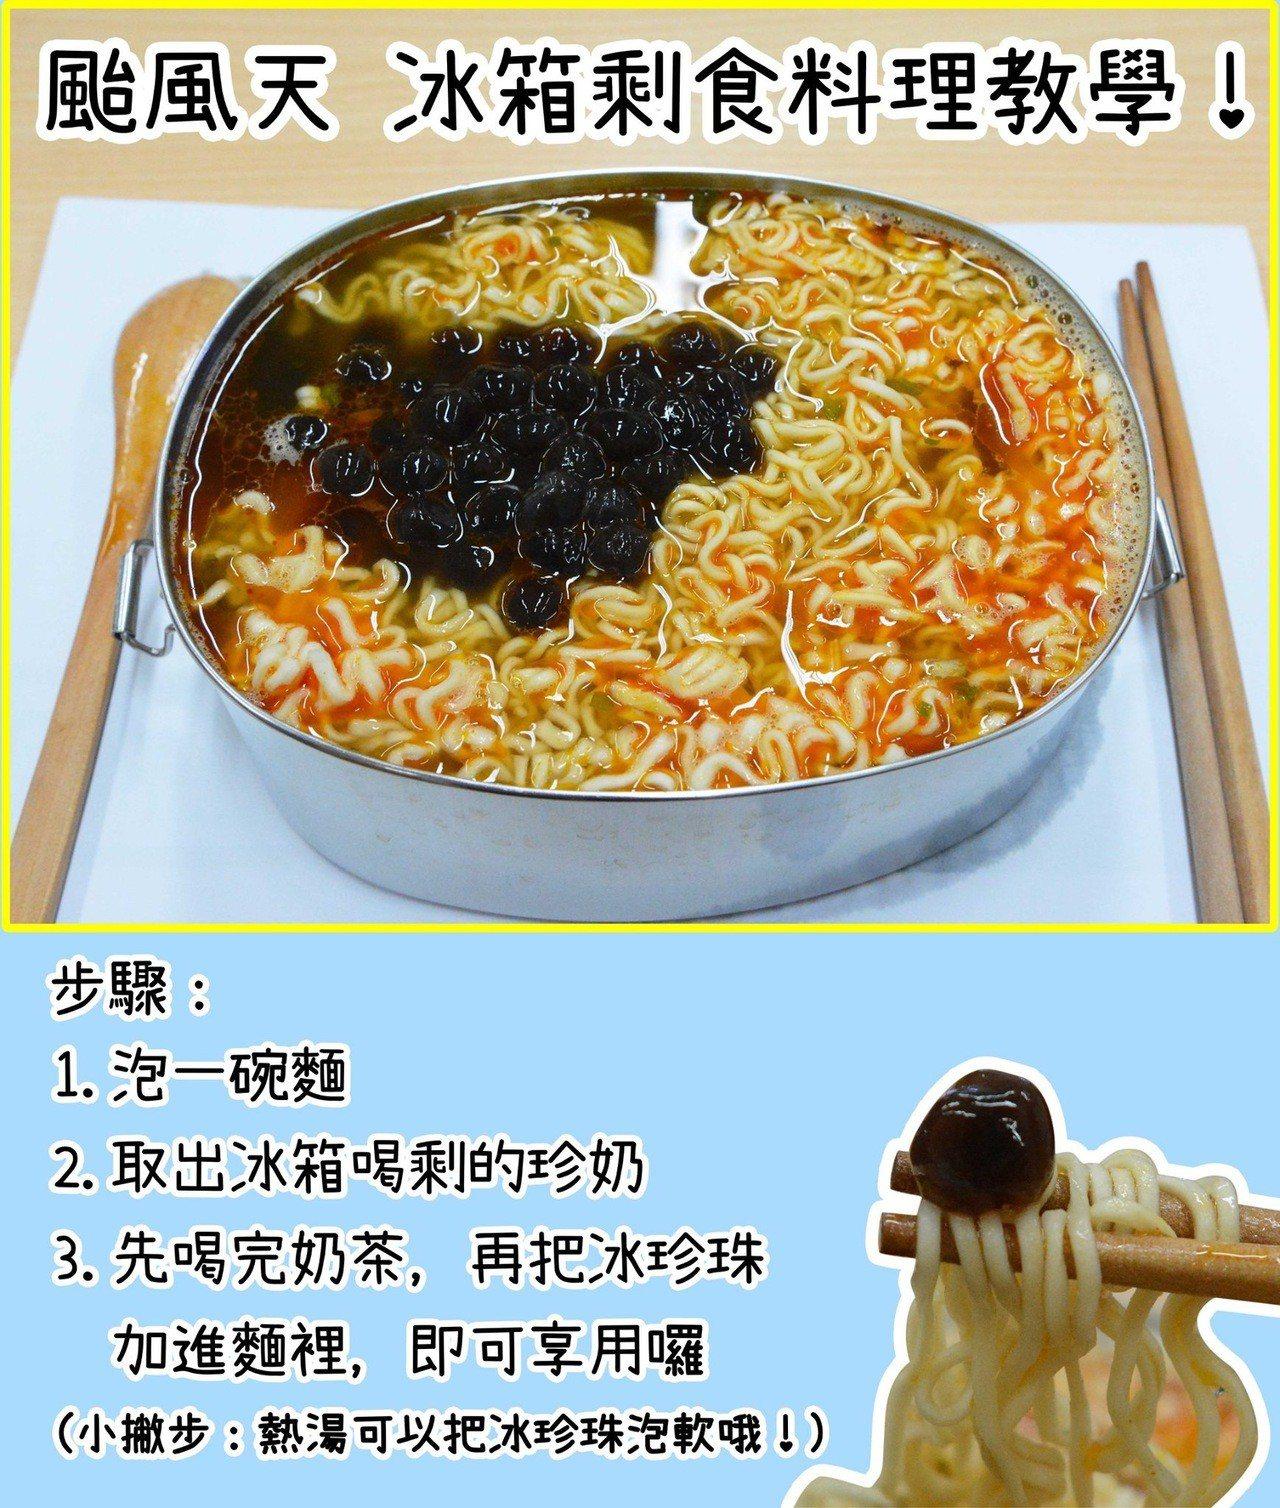 「丹娜絲」颱風壓境,內政部臉書粉絲專頁今晚以「冰箱剩食料理」食譜為主題,「了解大...